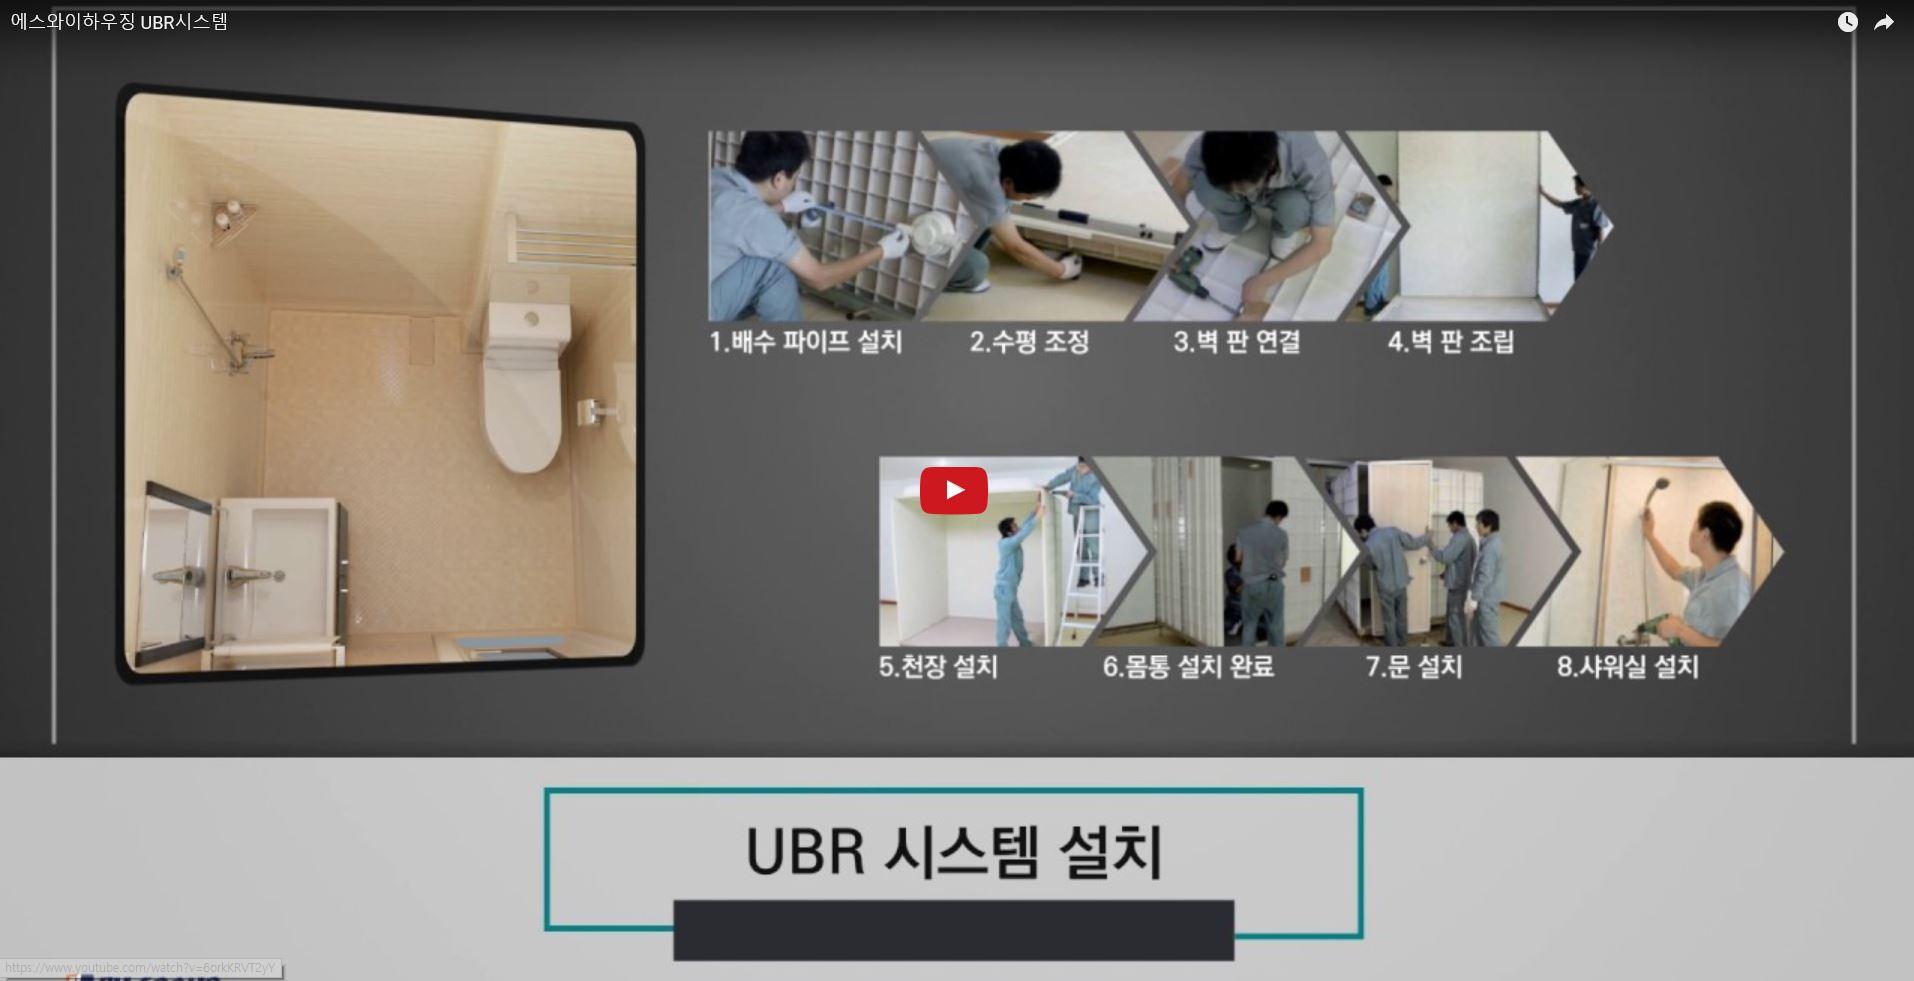 2017 에스와이그룹 UBR 소개영상(국문)